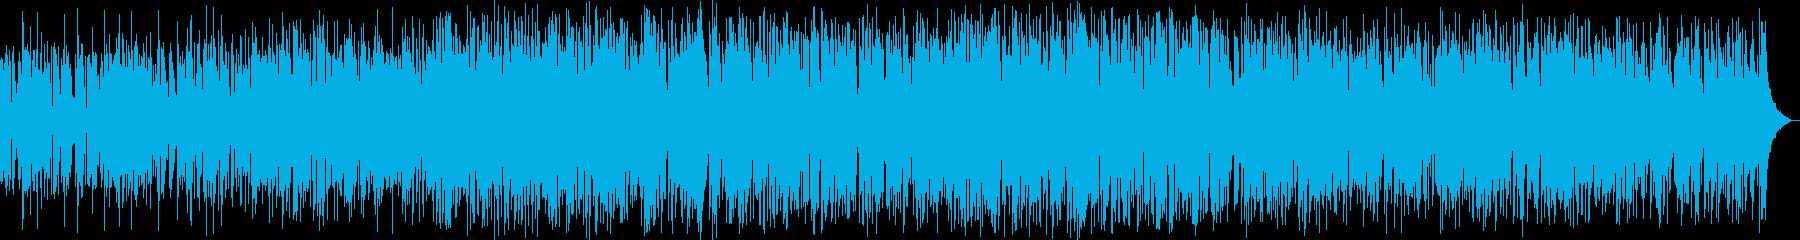 ほのぼのとしたスロー・ジャズの再生済みの波形